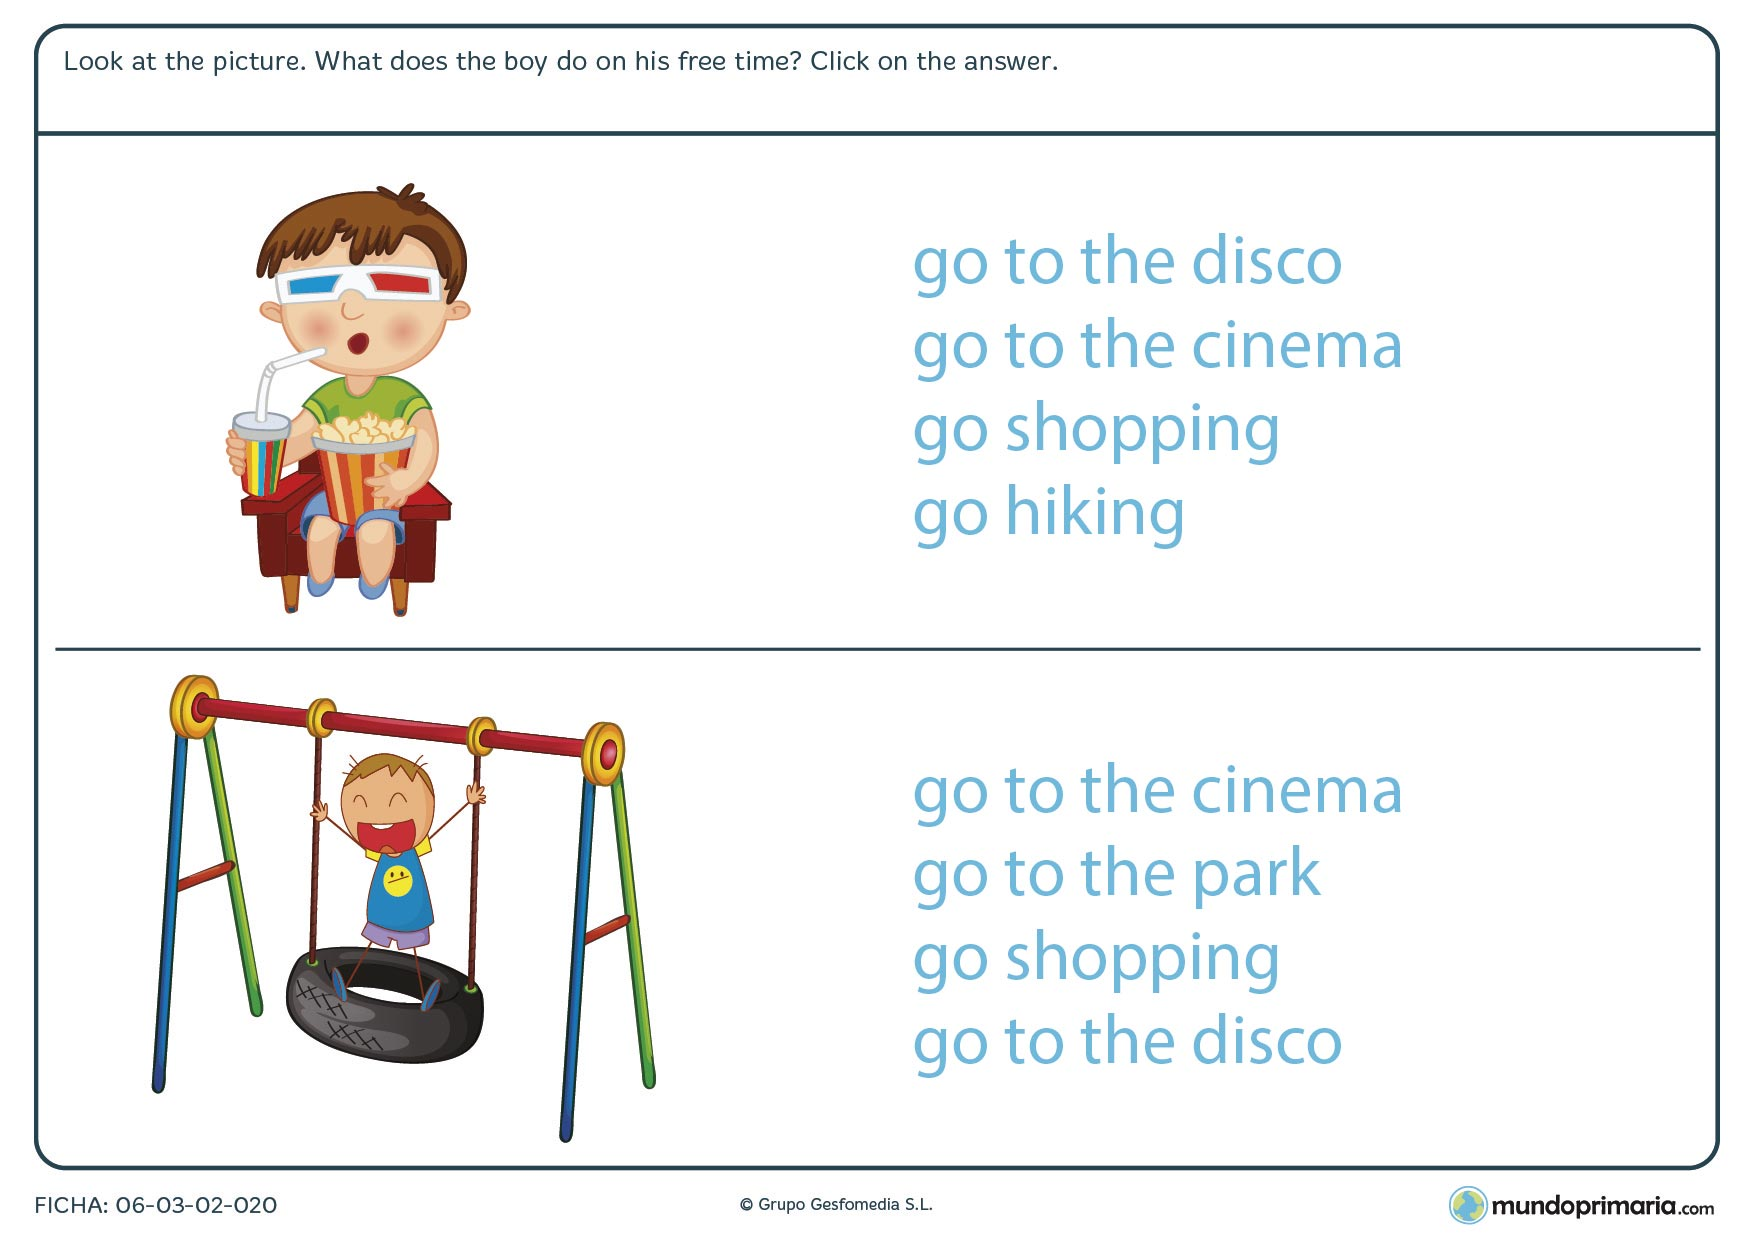 Ficha de identificar ocupaciones para cuarto de primaria en inglés